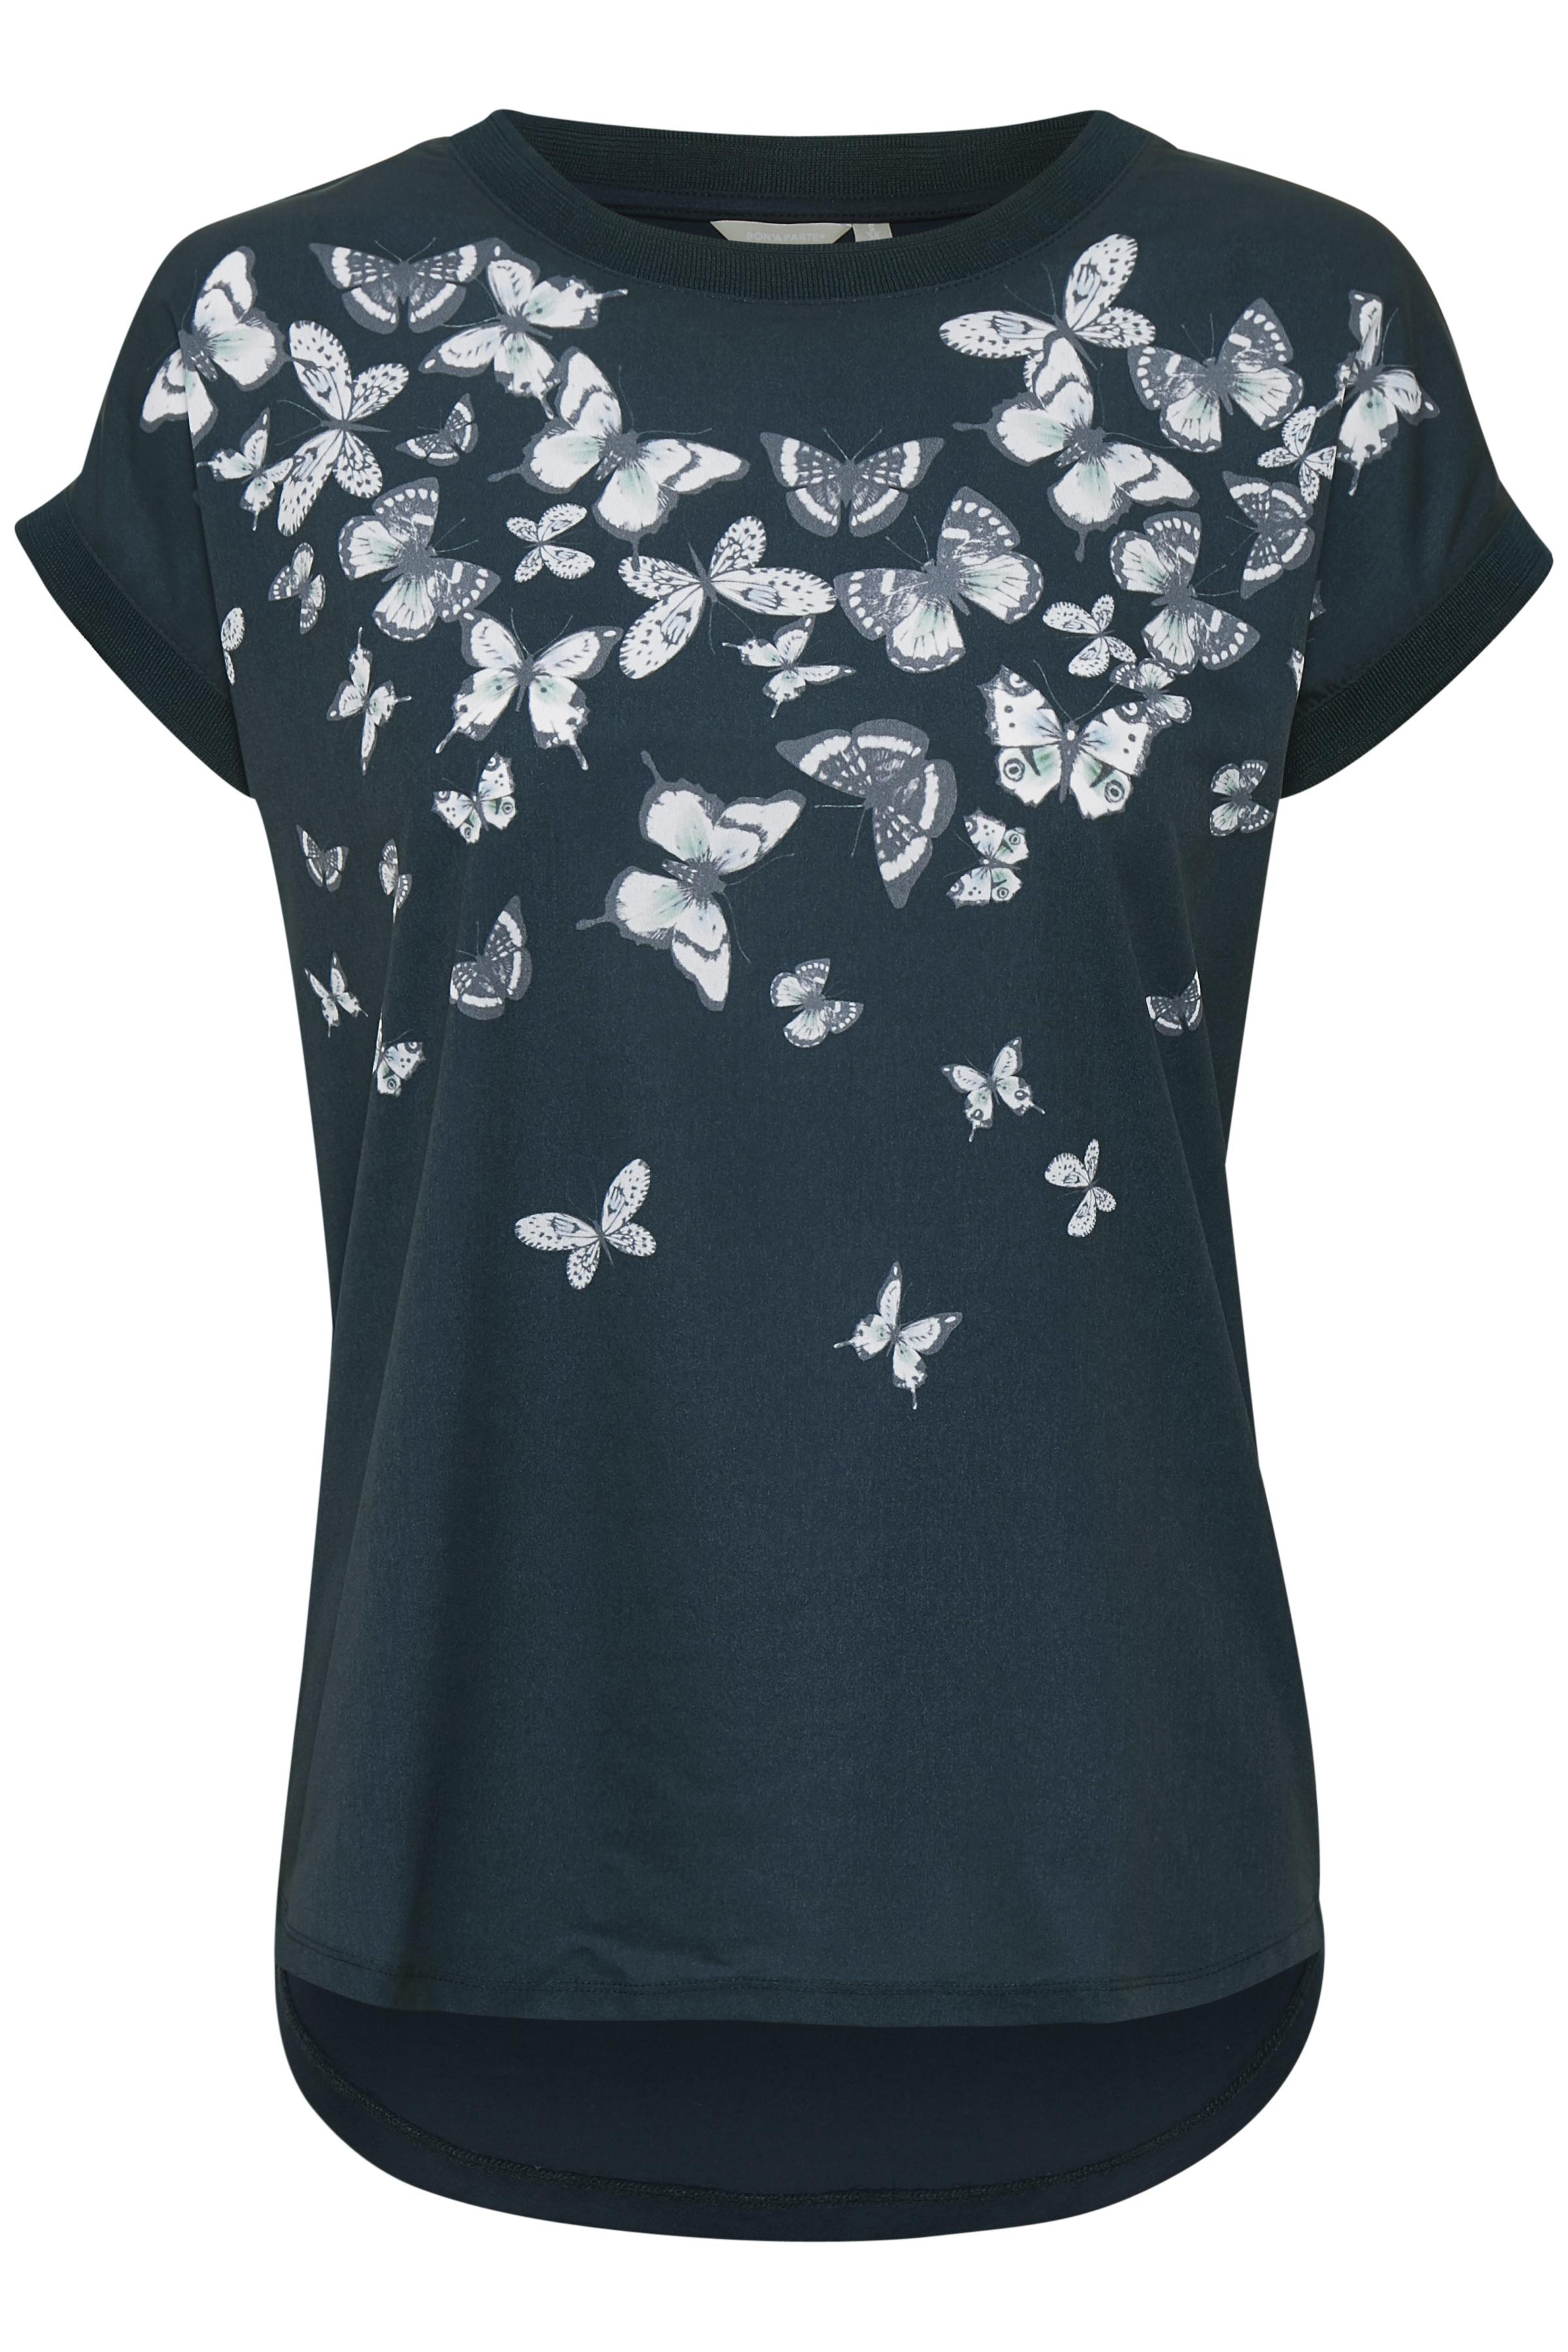 Marineblau Kurzarm-Bluse von Bon'A Parte – Shoppen Sie Marineblau Kurzarm-Bluse ab Gr. S-2XL hier